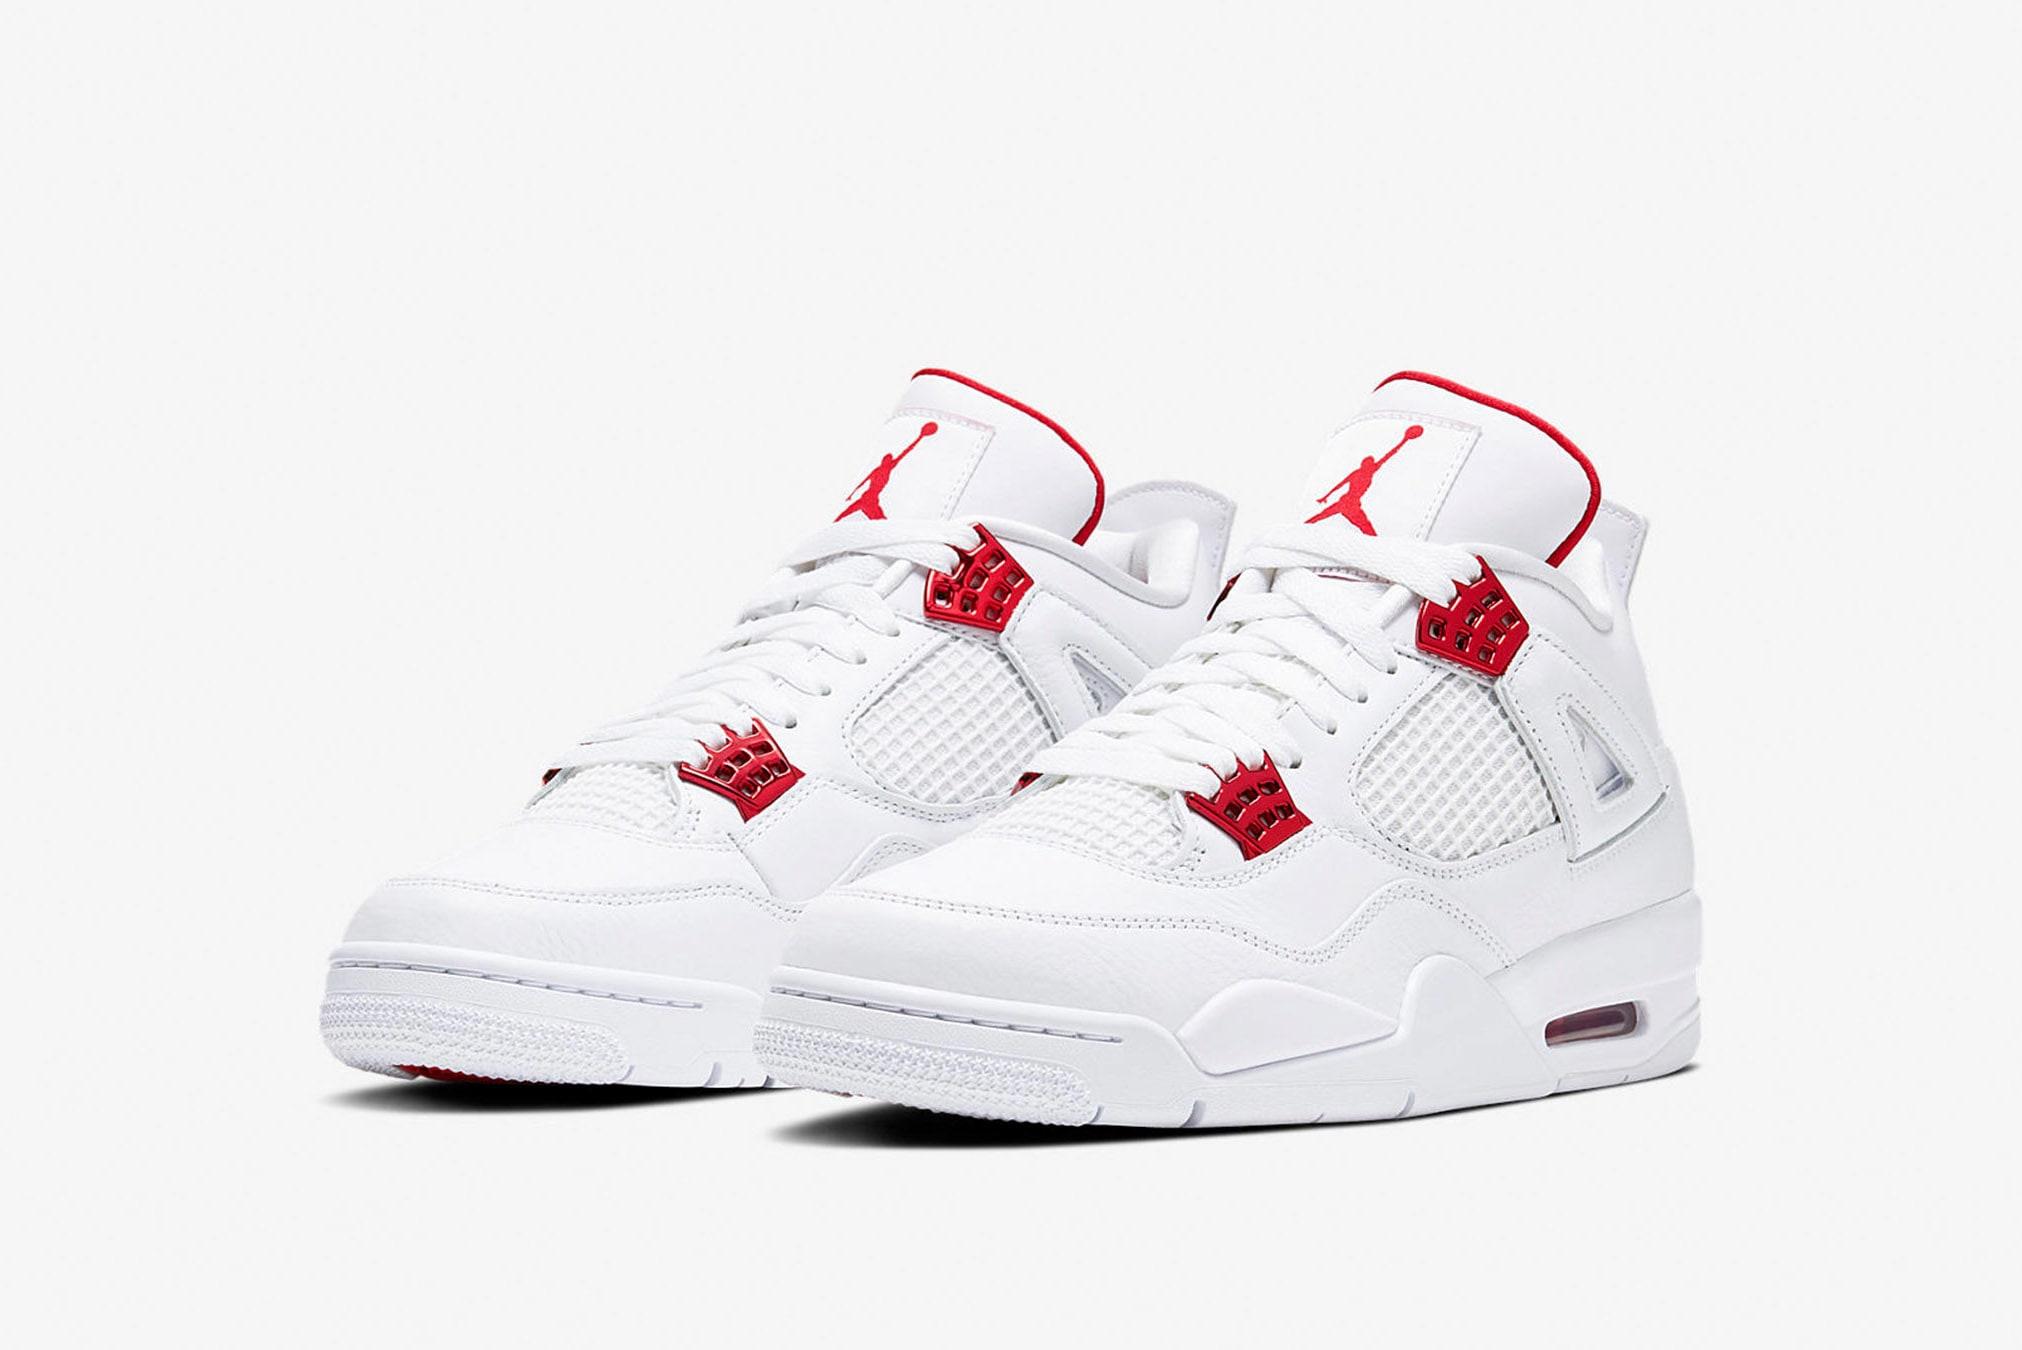 """Air Jordan 4 Retro """"Metallic Red"""" - CT8527-112"""